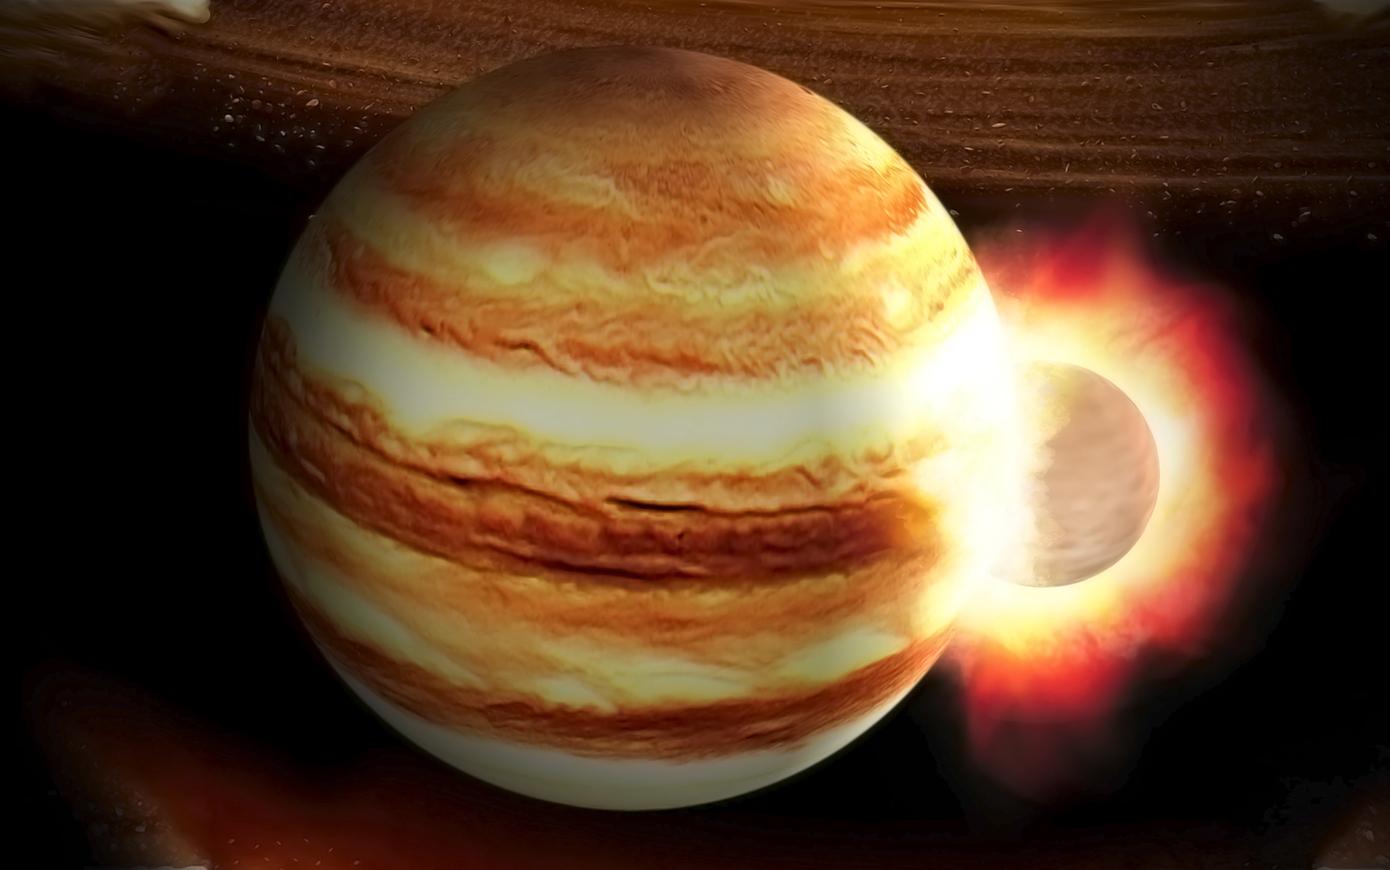 планета юпитер удивительные фото плиты преимущественно